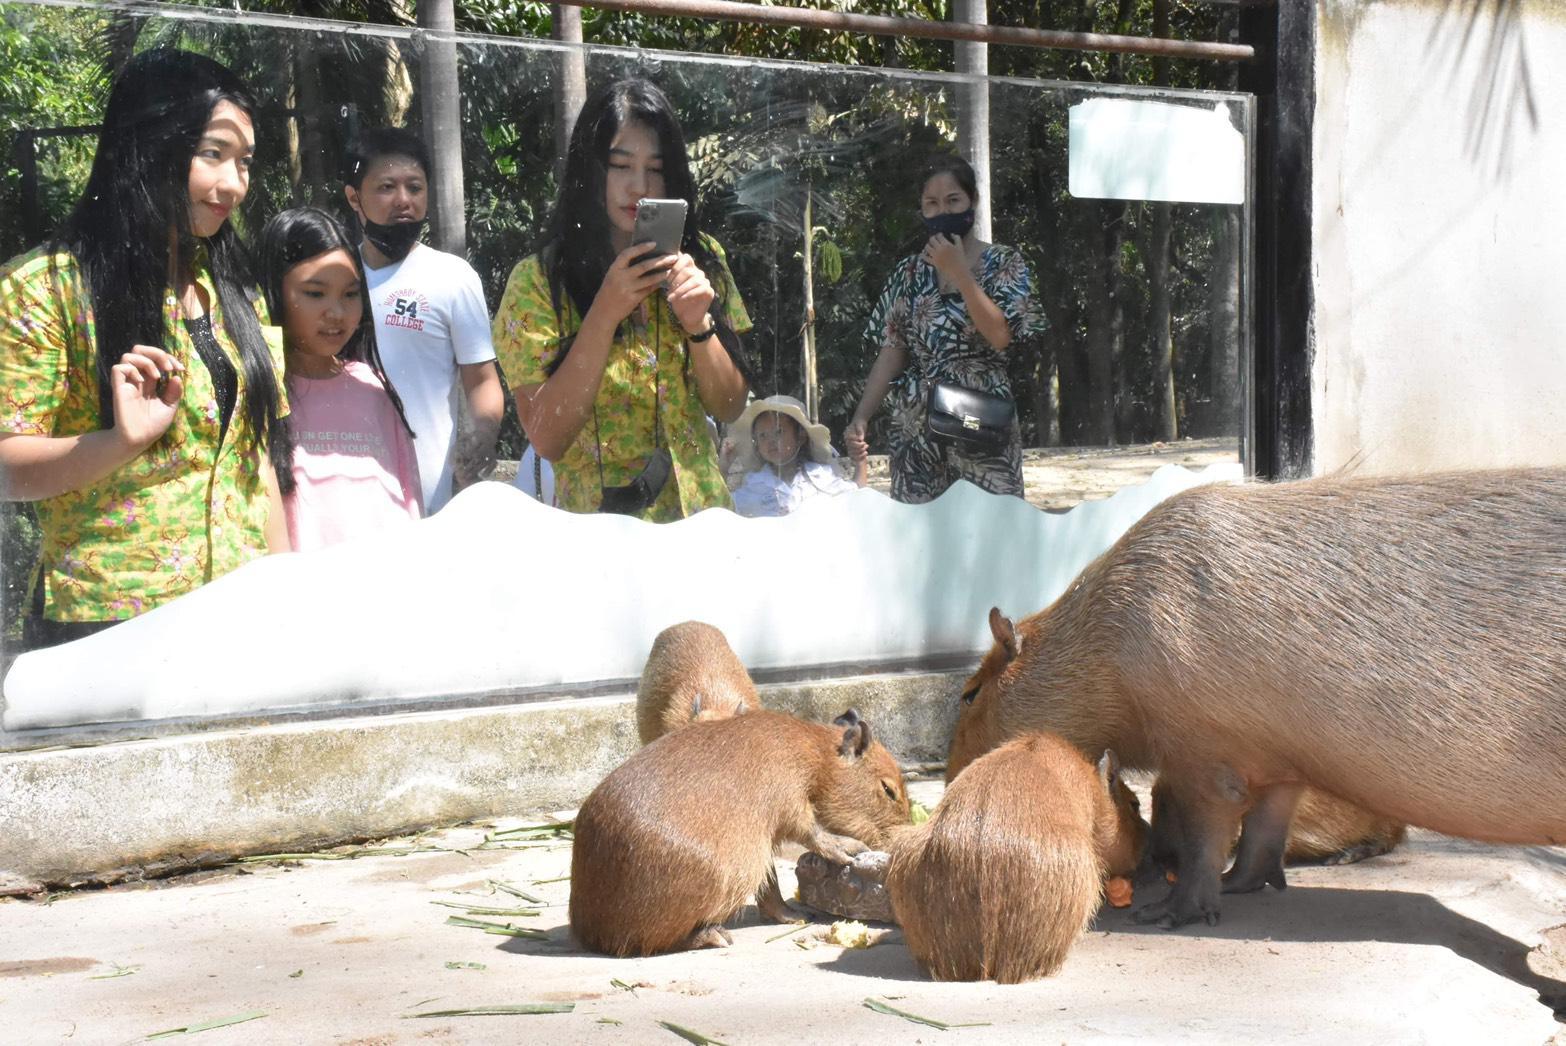 """สวนสัตว์เขาเขียว เฮ ! ต้อนรับ น้องใหม่ """" ลูกคาปิบาร่า """" หนูยักษ์ ใหญ่ที่สุดในโลก"""